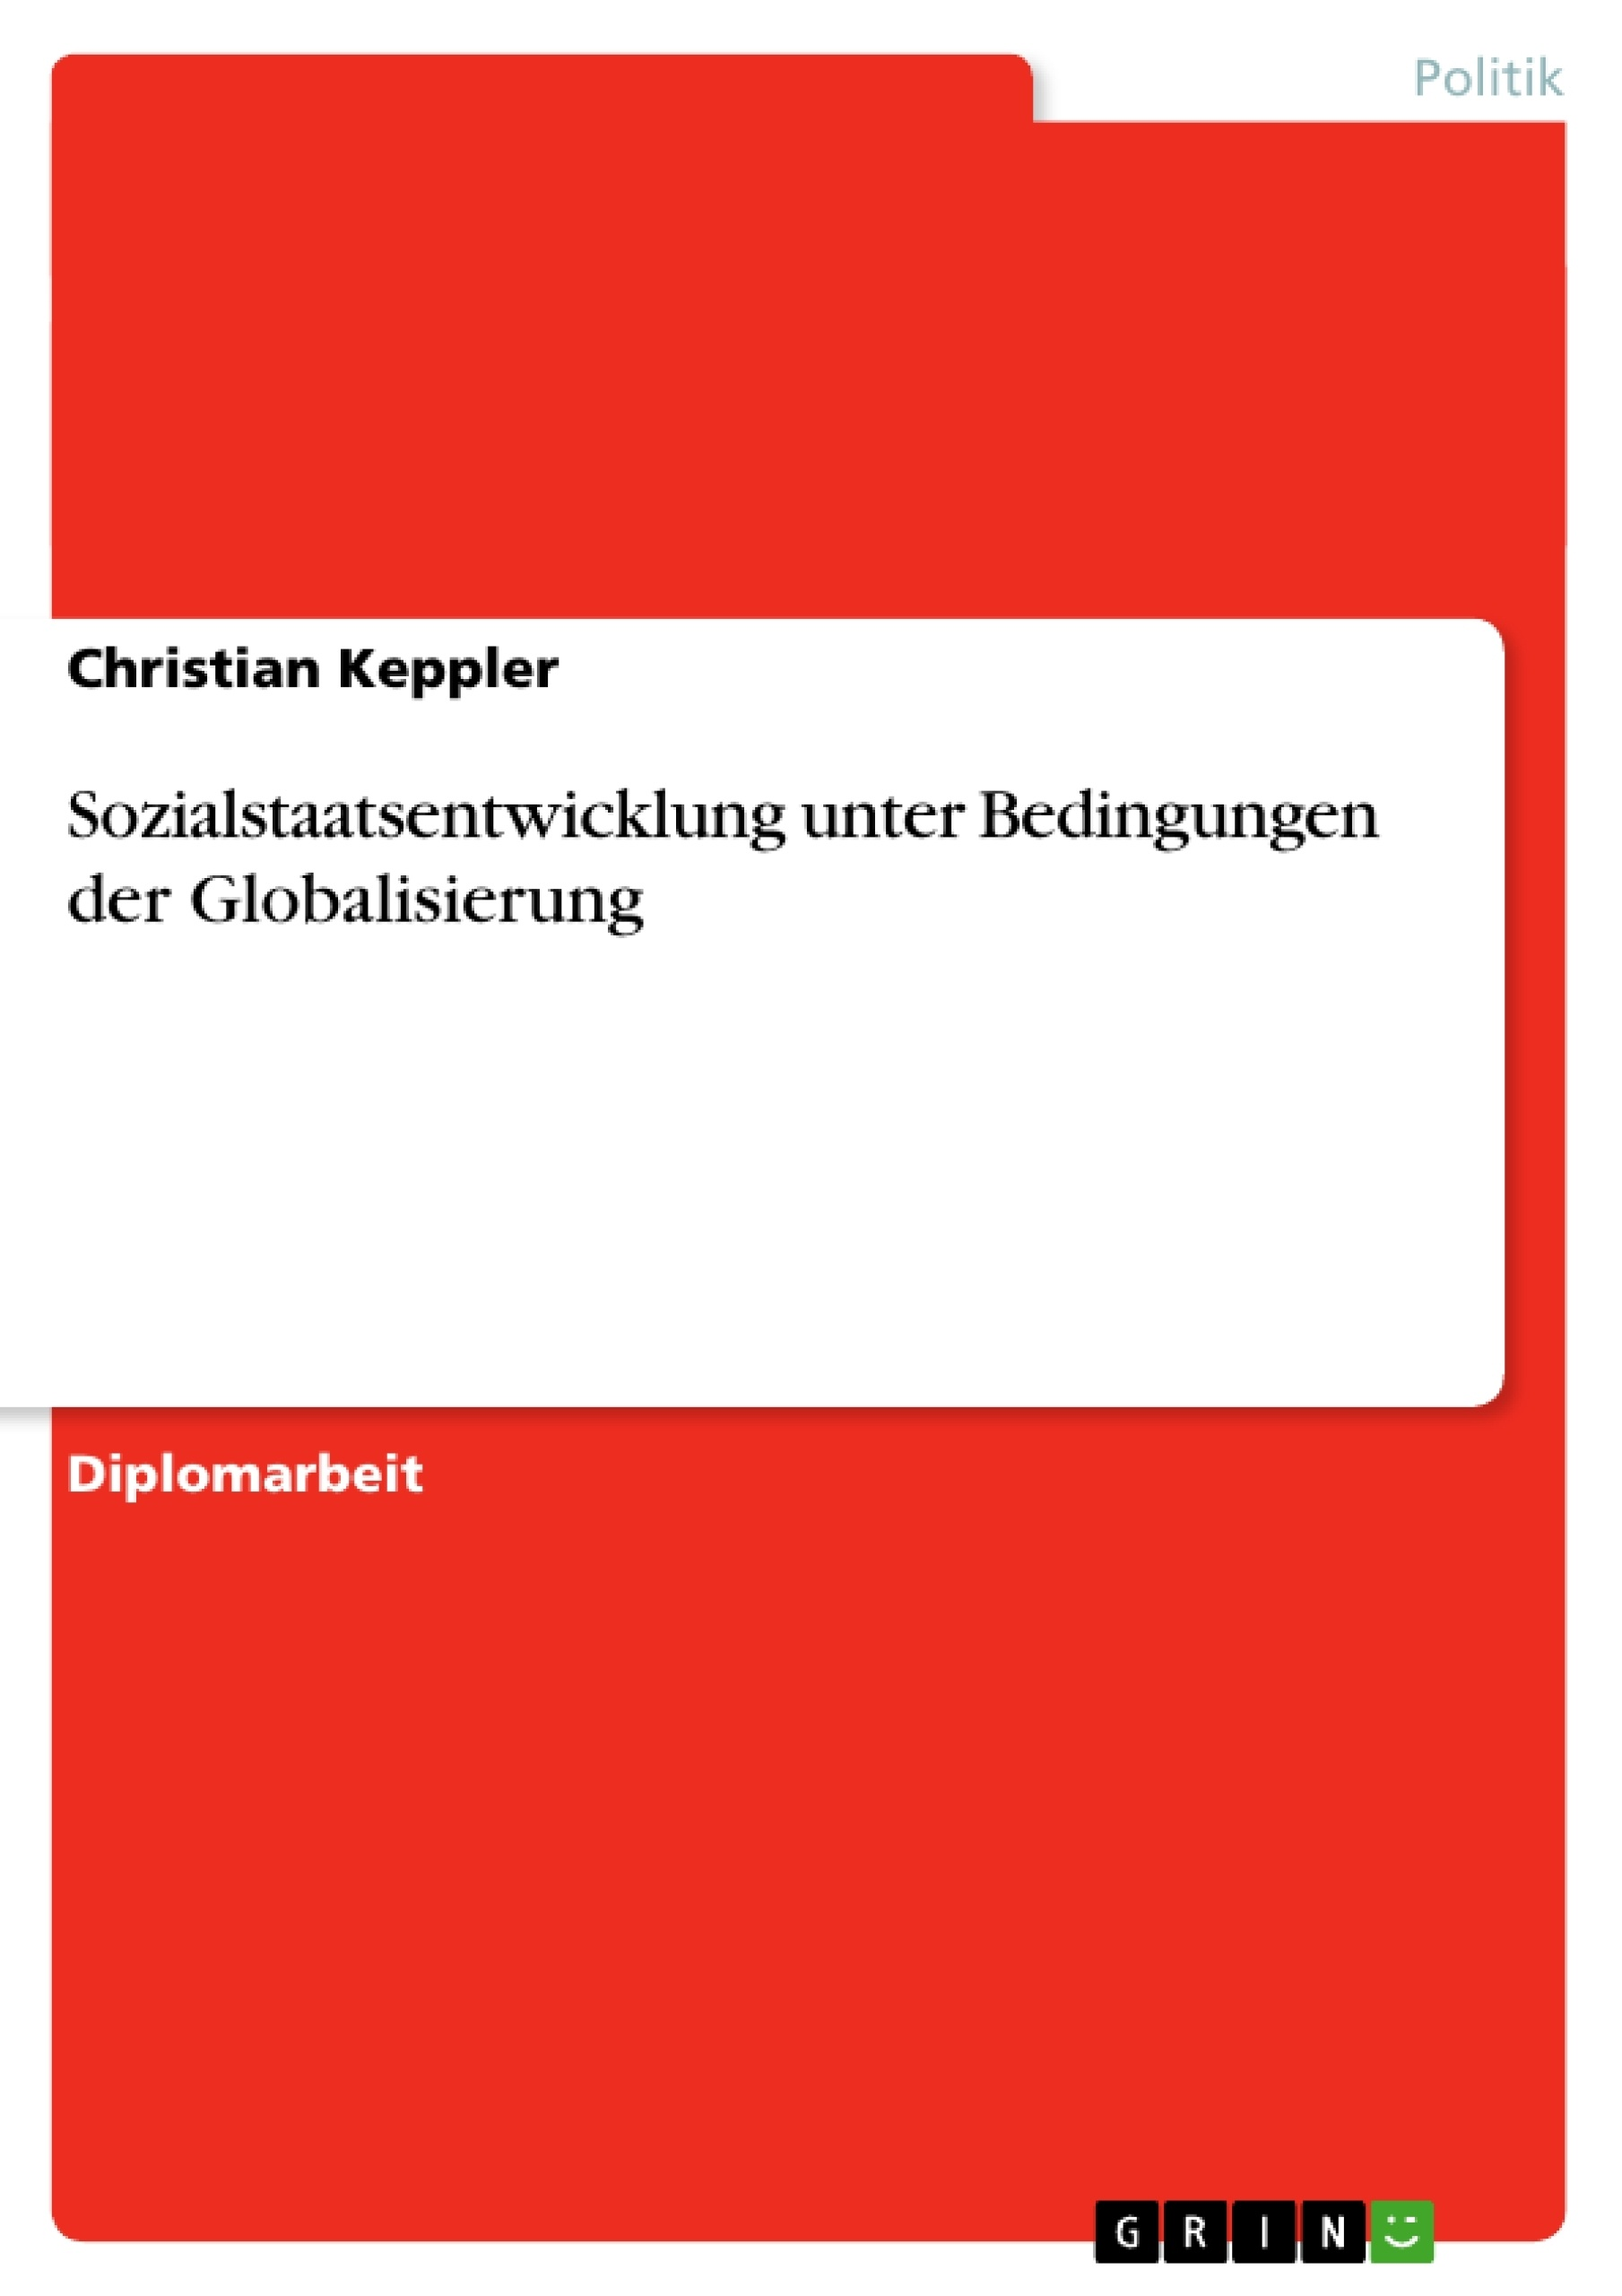 Titel: Sozialstaatsentwicklung unter Bedingungen der Globalisierung